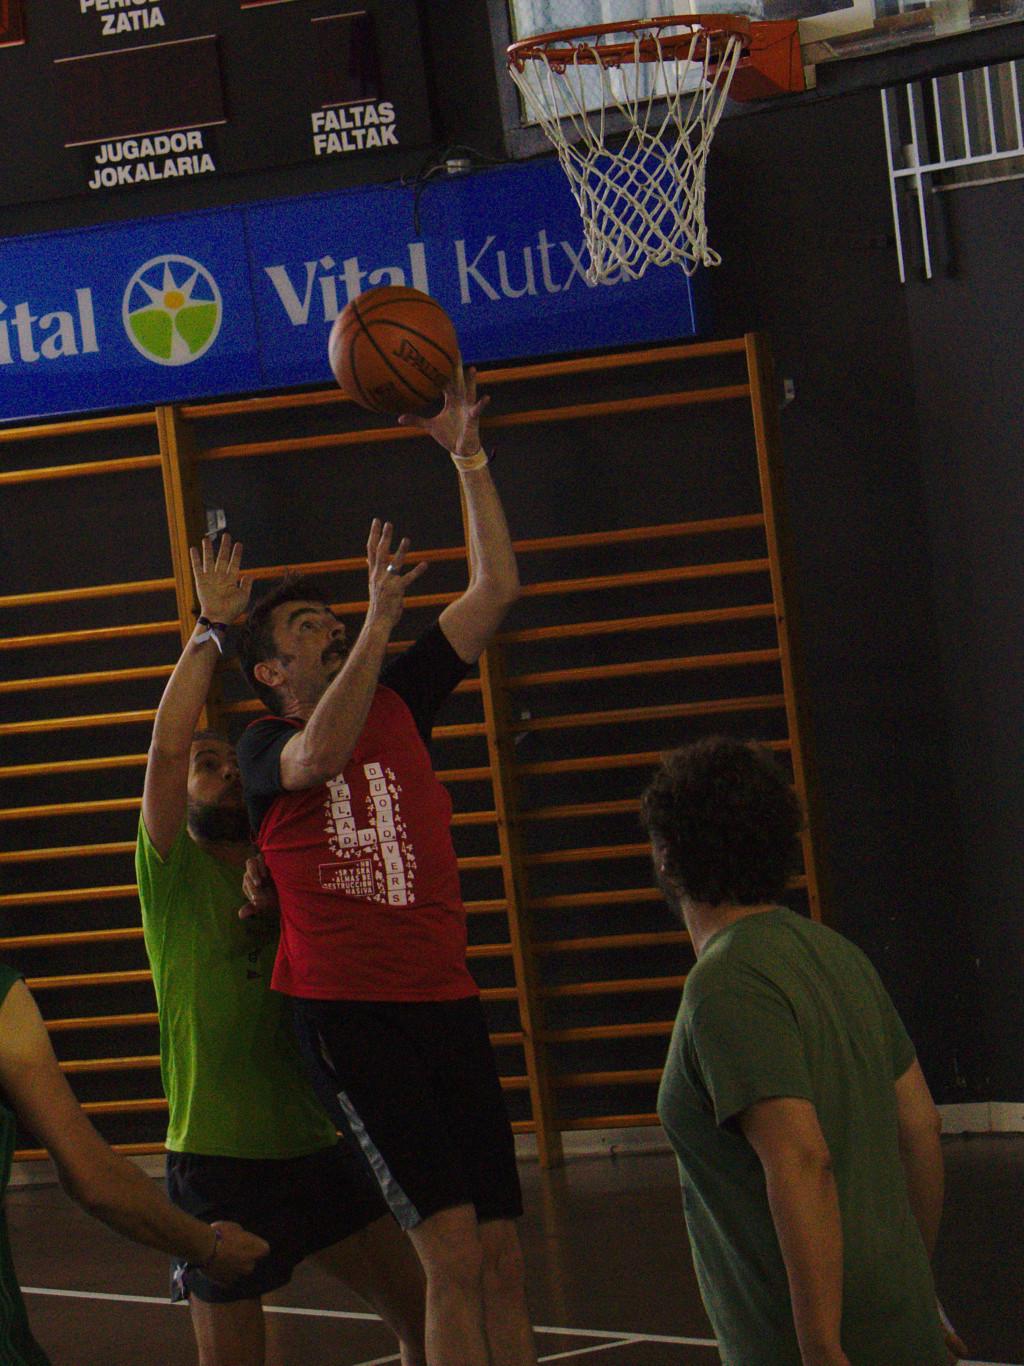 Pachanga De Basket ARF ¡ OTRO AÑO MAS ROCKET CAMPEÓN! - Página 12 Dsc02220